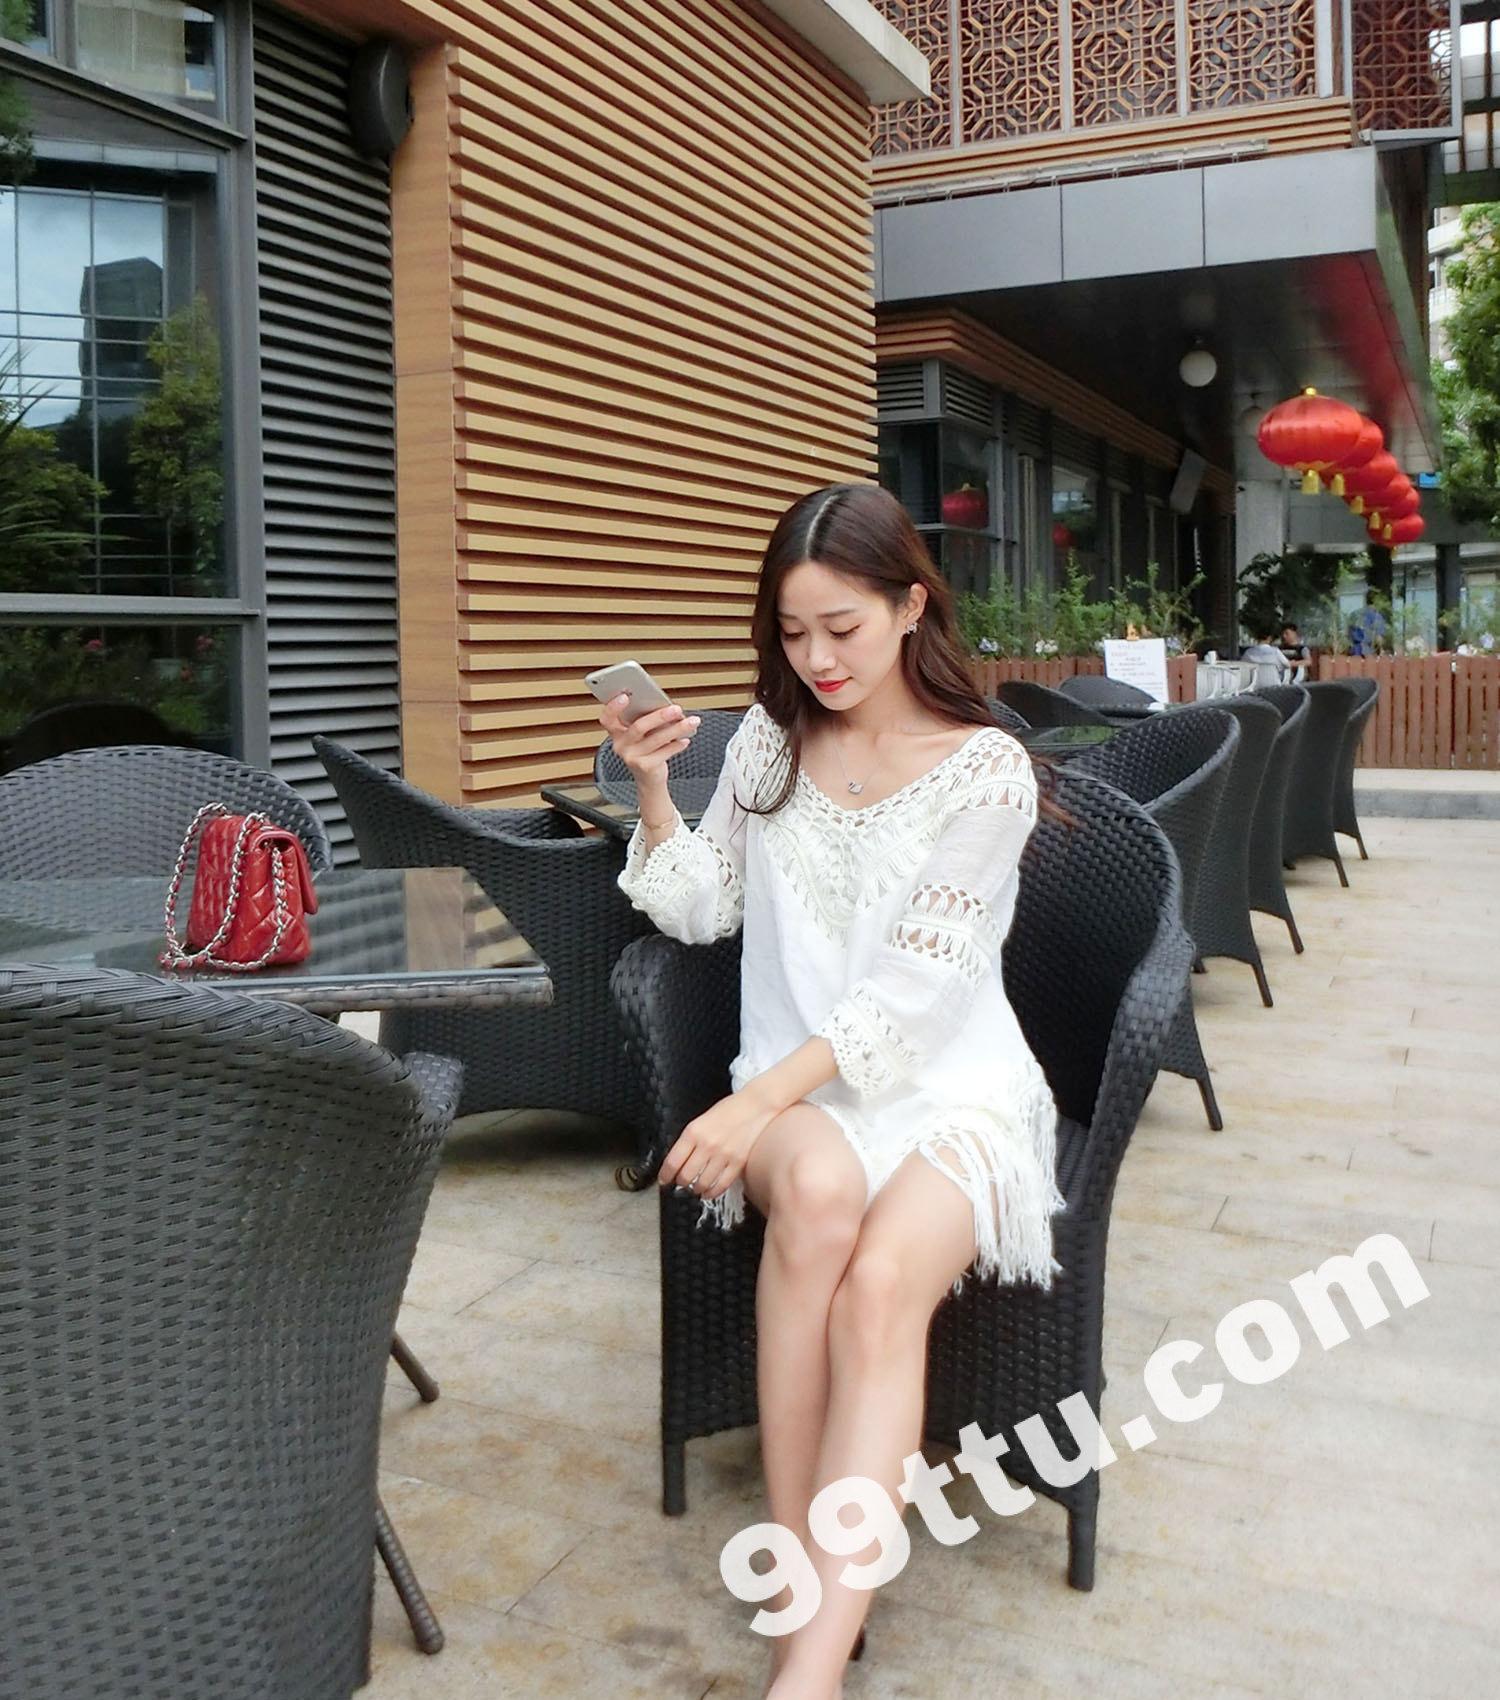 KK41 514张 气质时尚美女素颜生活照套图-8